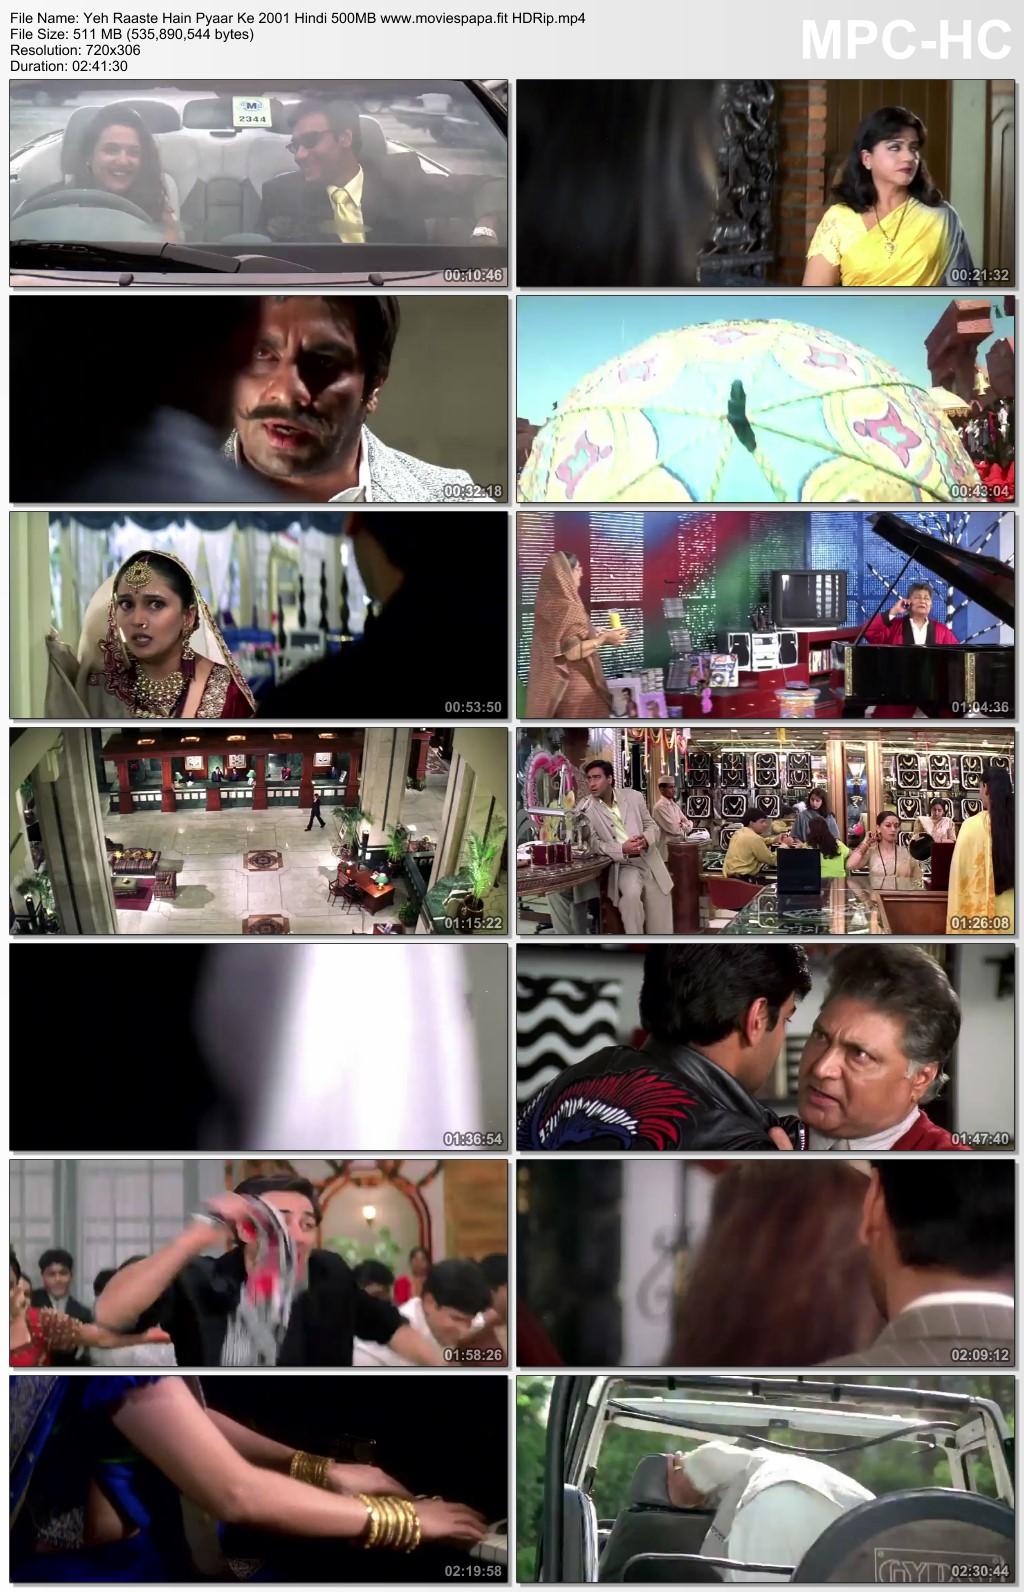 Yeh Raaste Hain Pyaar Ke 2001 Hindi Movie 510MB HDRip Download